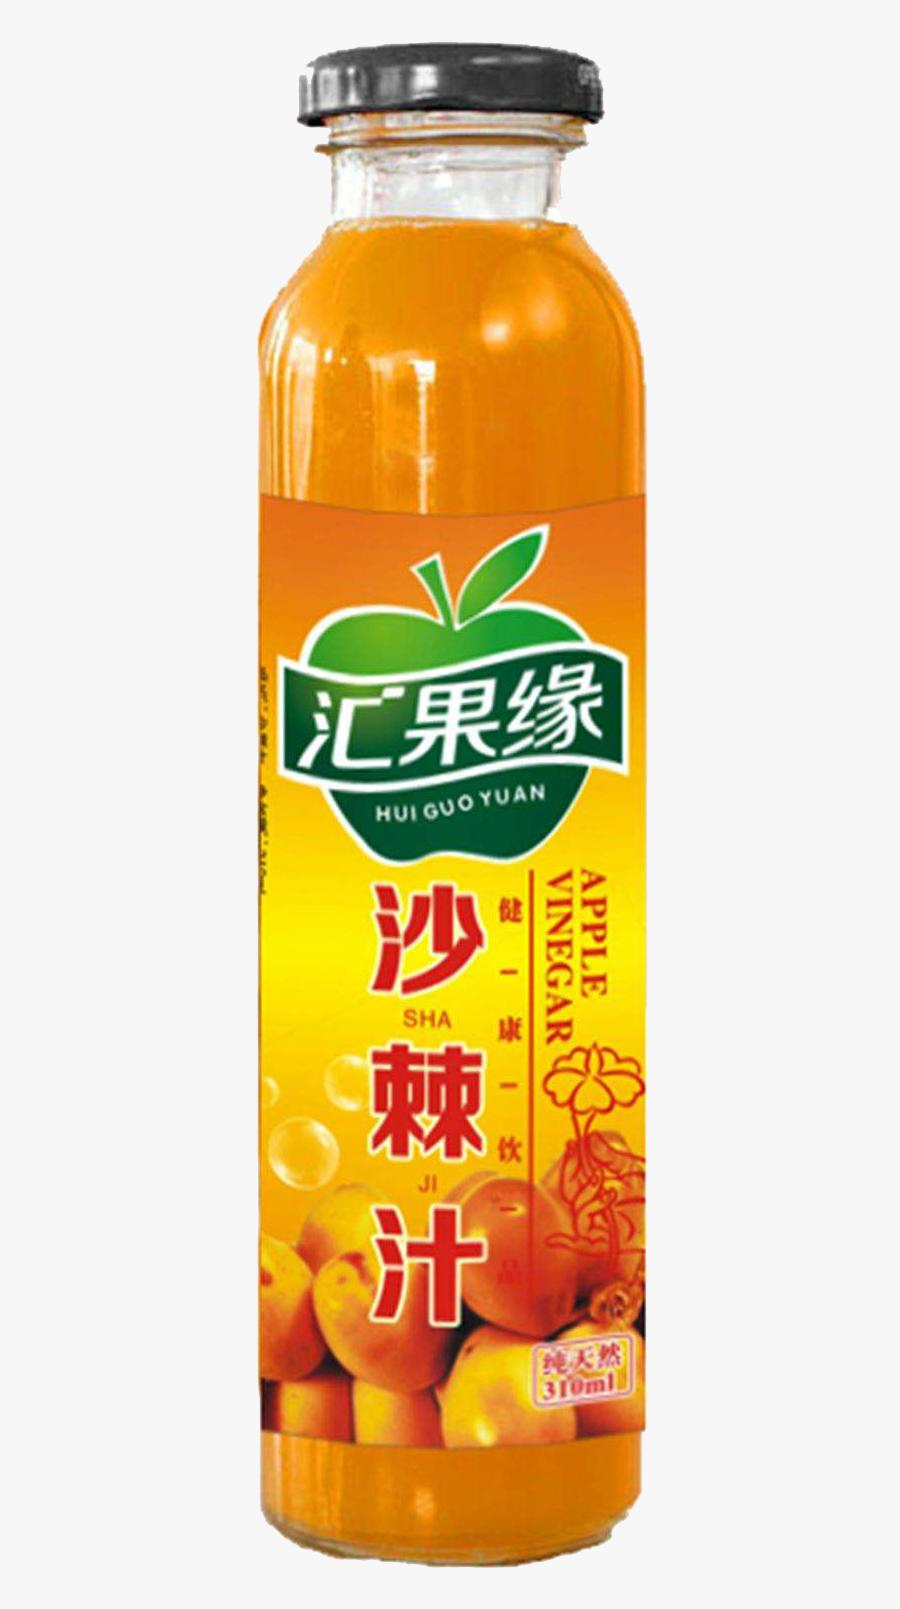 Clip Art Apple Cider Vinegar And Orange Juice - Orange Drink, Transparent Clipart